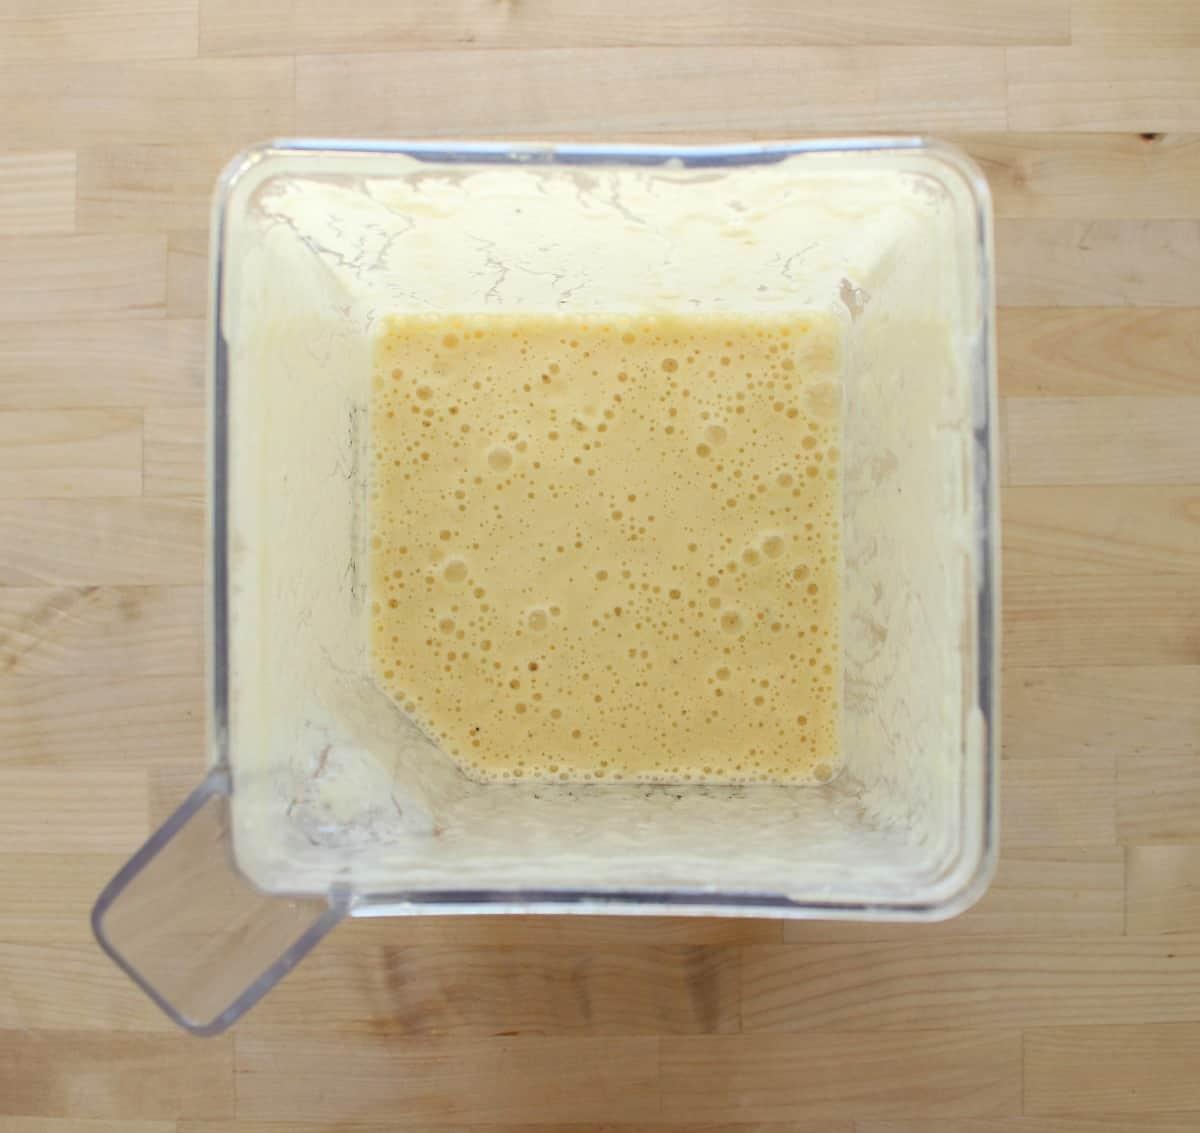 Pineapple banana agua fresca in a blender.